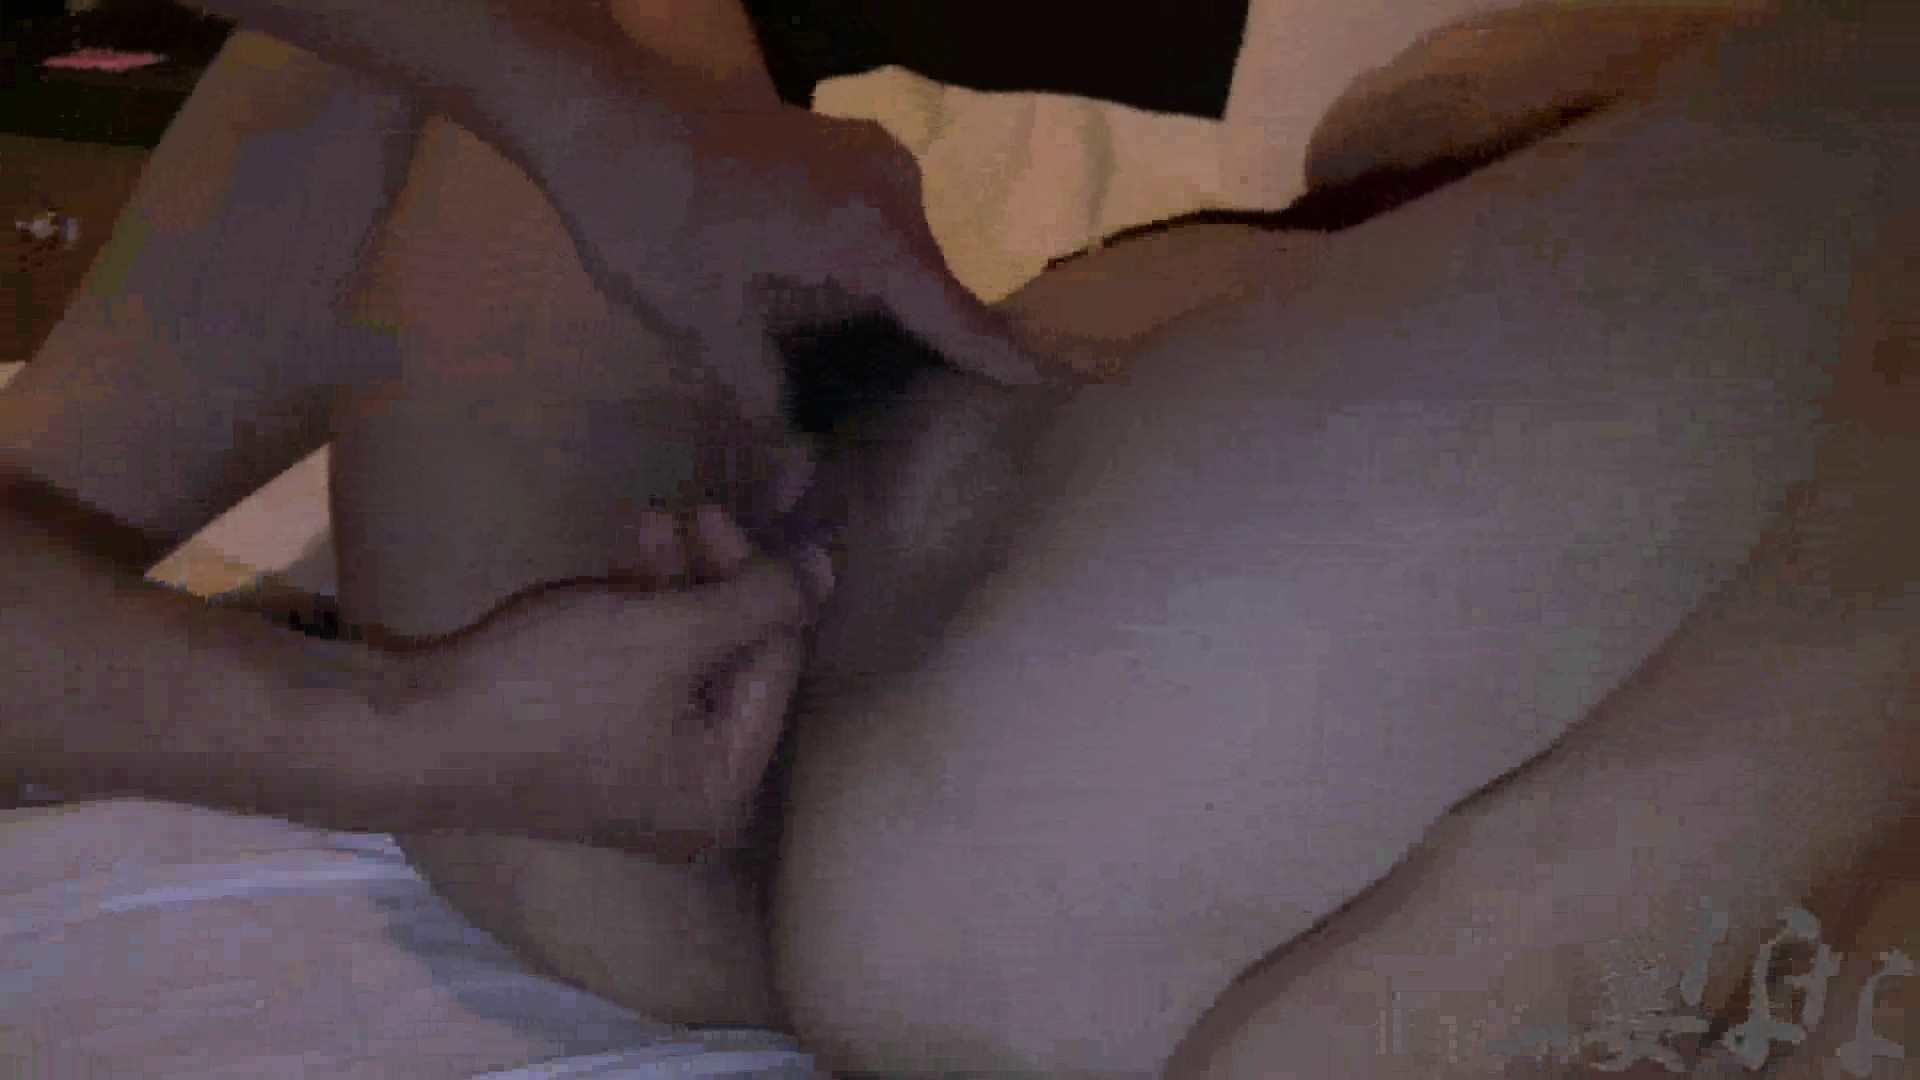 レンタル妻ななvol.11 3Pセックス編 0 | OL  64画像 35